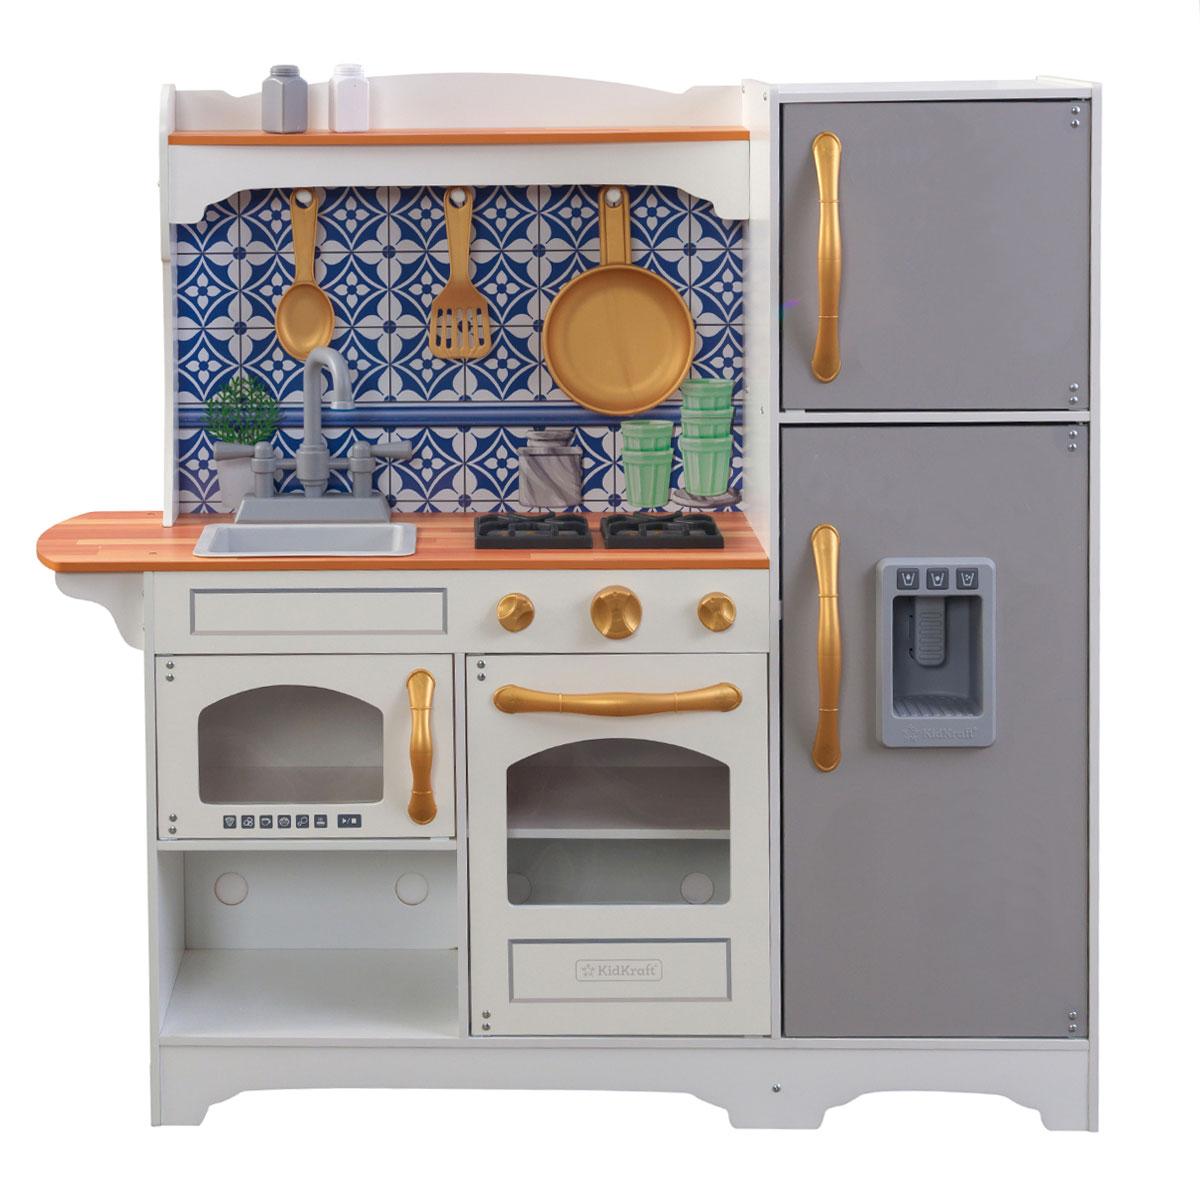 Kidkraft Cuisine Pour Enfants Mosaic Magnetic 53448 Pirum